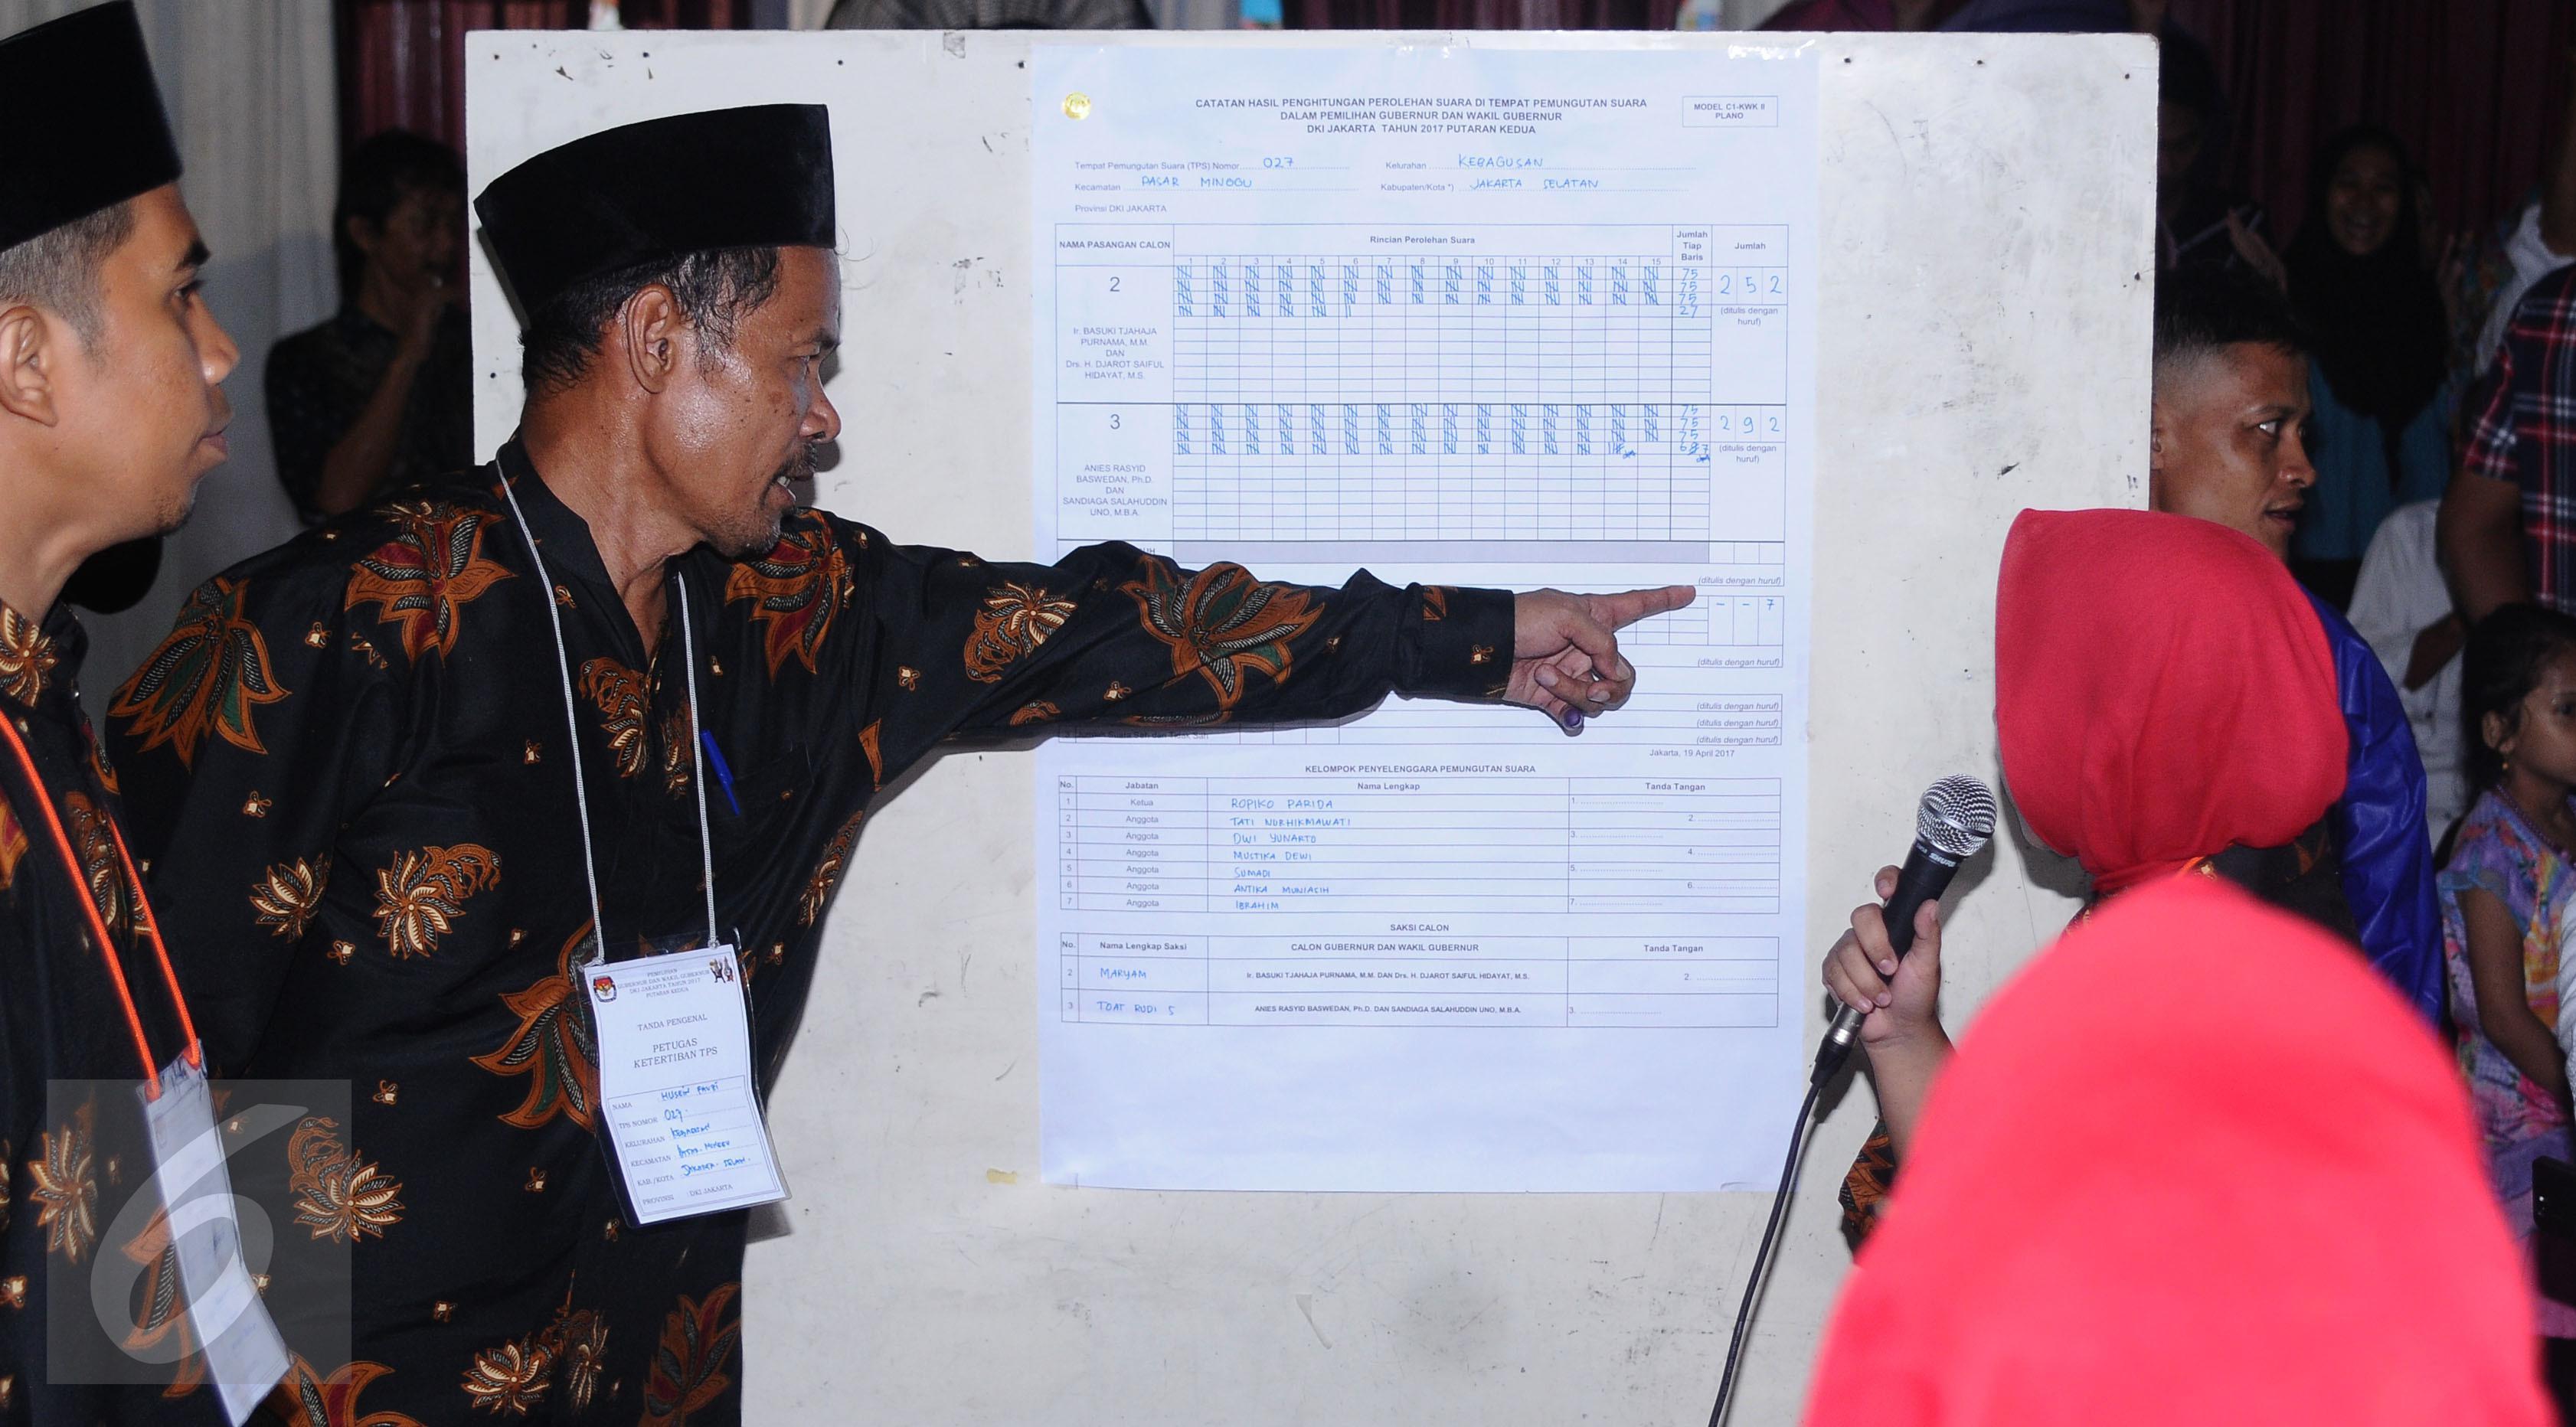 Petugas KPPS menunjuk hasil penghitungan surat suara Pilkada DKI Jakarta putaran 2 di TPS 027, Kebagusan, Jakarta, Rabu (19/4). Pasangan Anis Baswedan-Sandiaga Uno unggul 292-252. (Liputan6.com/Helmi Fithriansyah)